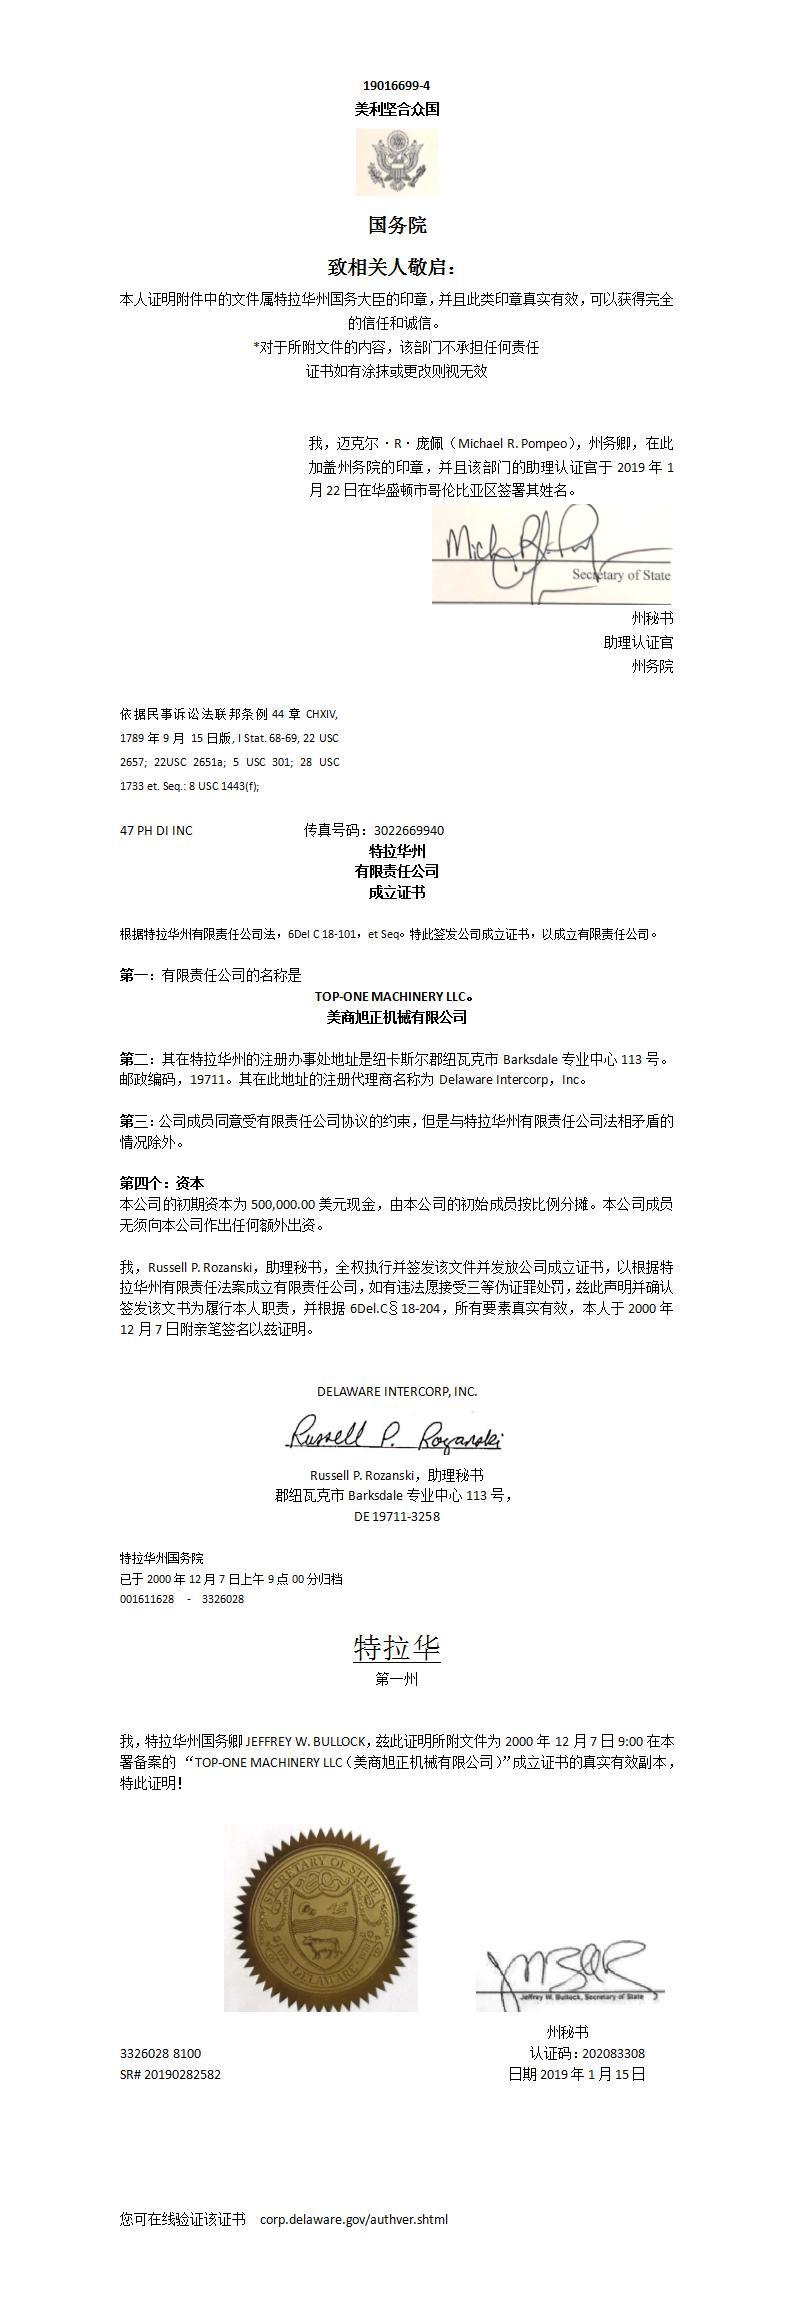 特拉华公司成立证书 - 美国特拉华州公司成立认证书翻译盖章